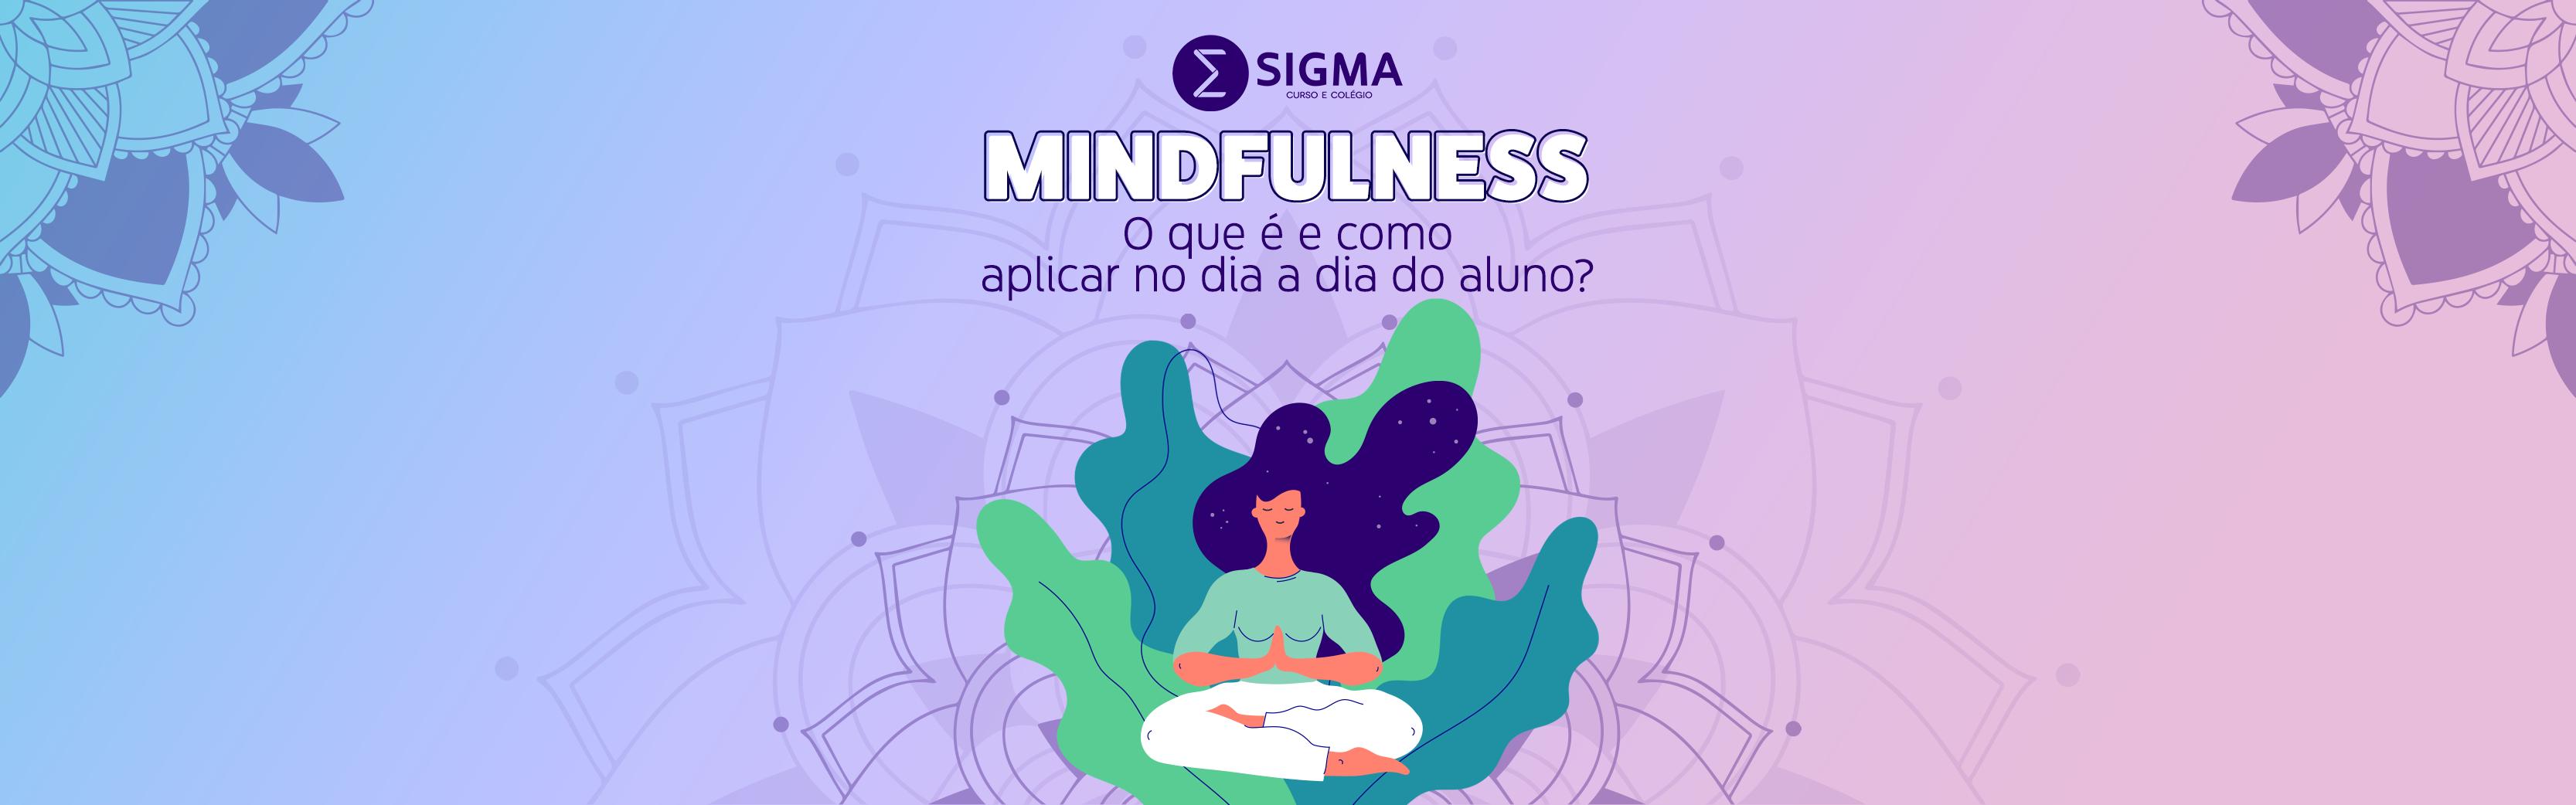 Mindfulness: o que é e como aplicar no dia a dia do aluno?